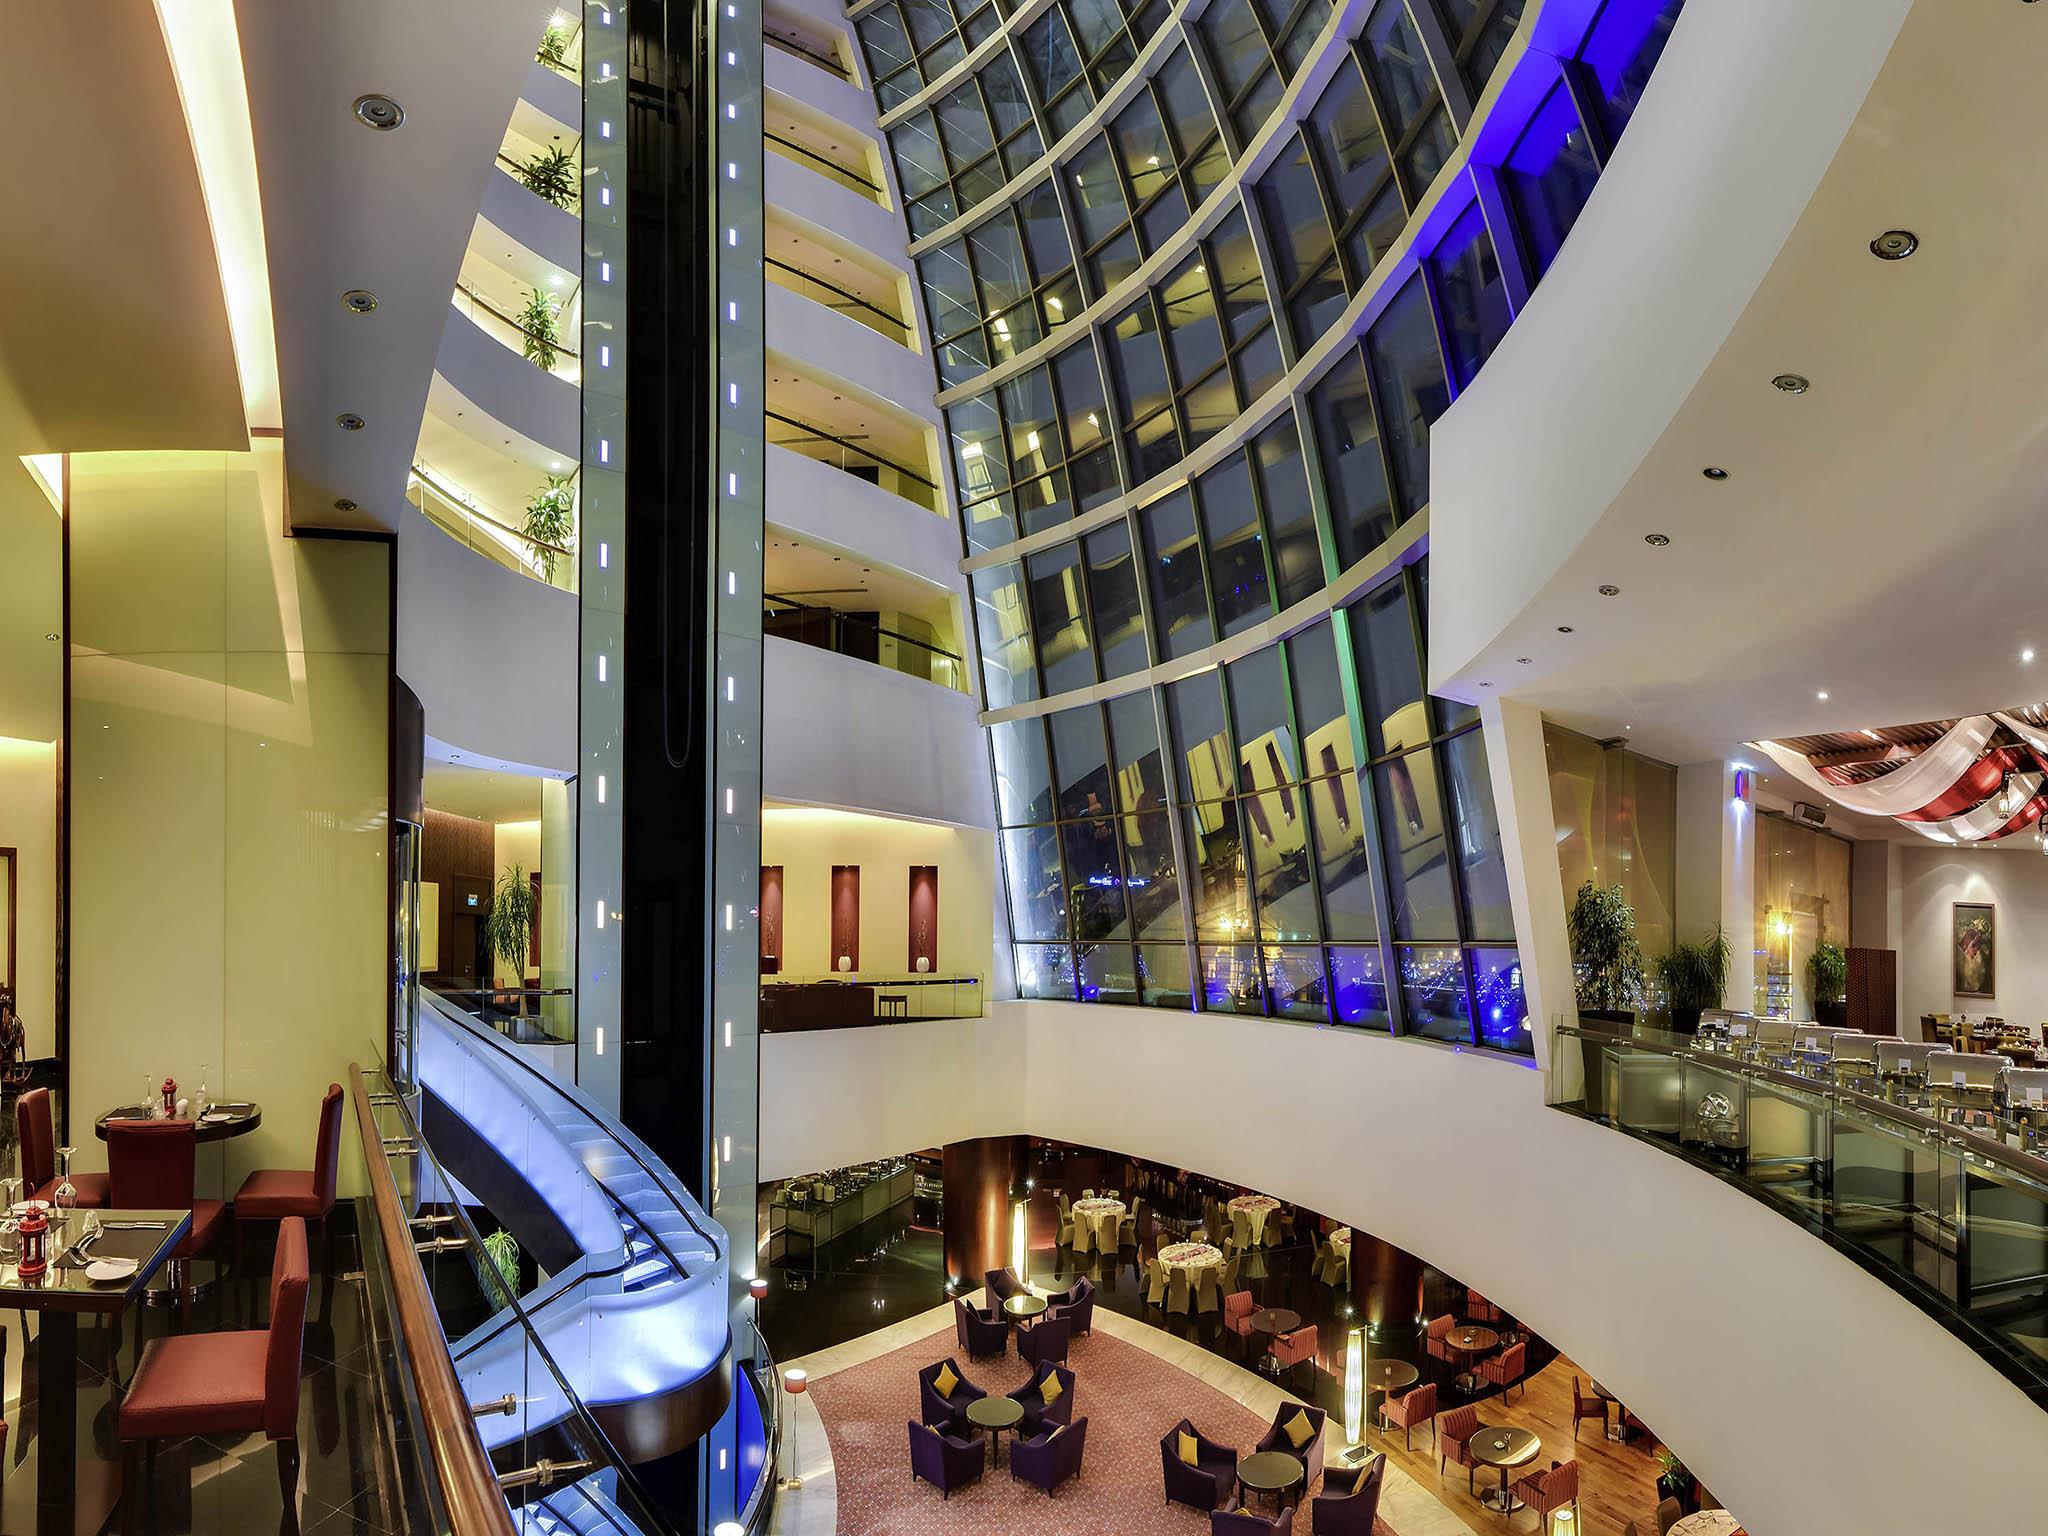 افضل الفنادق التي توجد في الخبر (4)